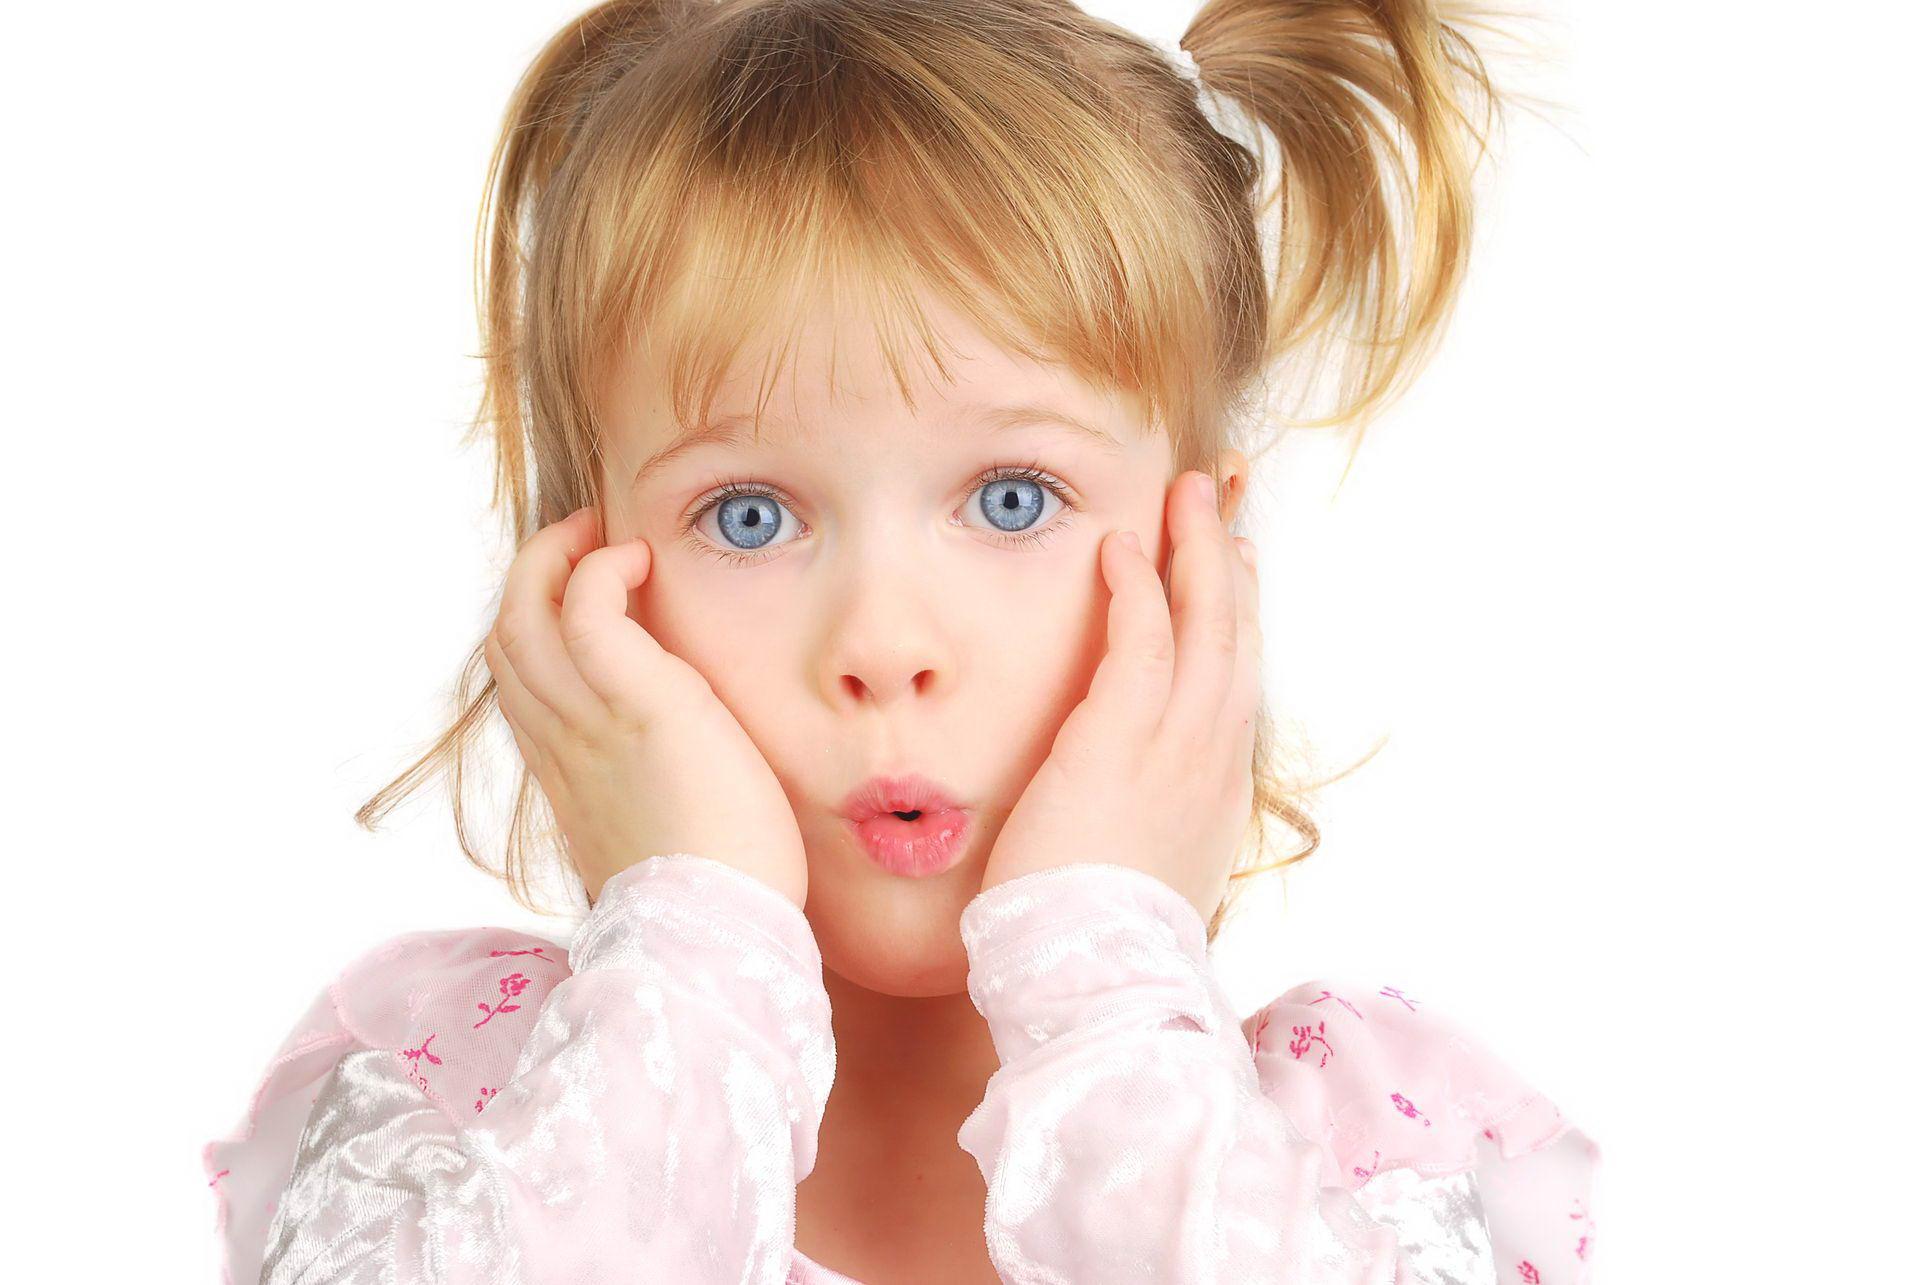 Появились белые пятна на коже лица у ребенка: фото, как лечить, как называется болезнь?